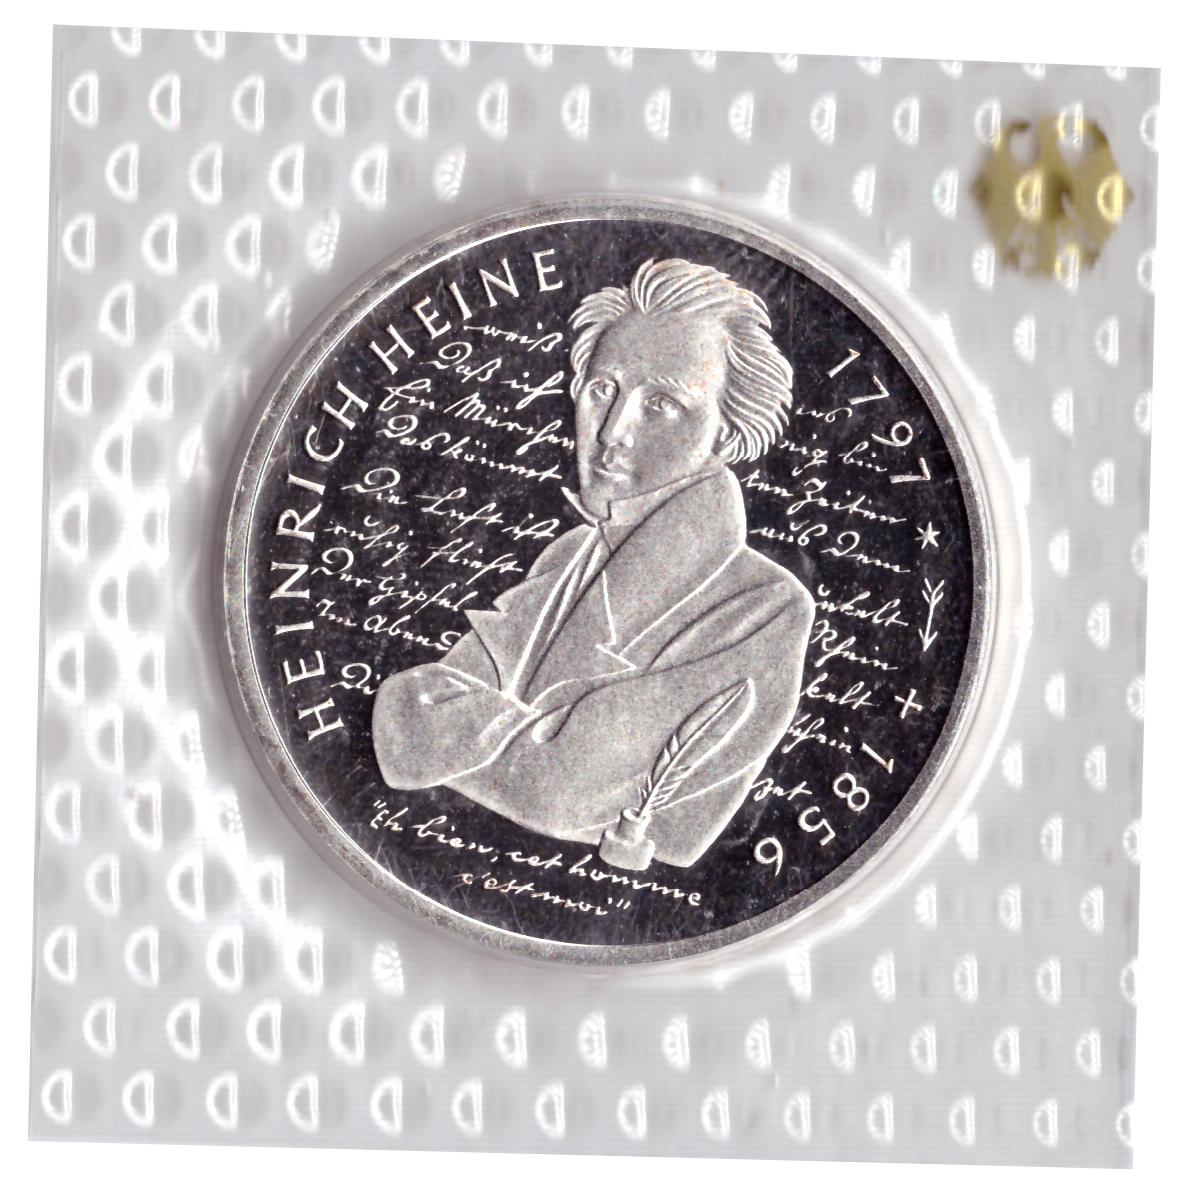 10 марок 1997 год (G) 200 лет со дня рождения Генриха Гейне, Германия. PROOF в родной запайке